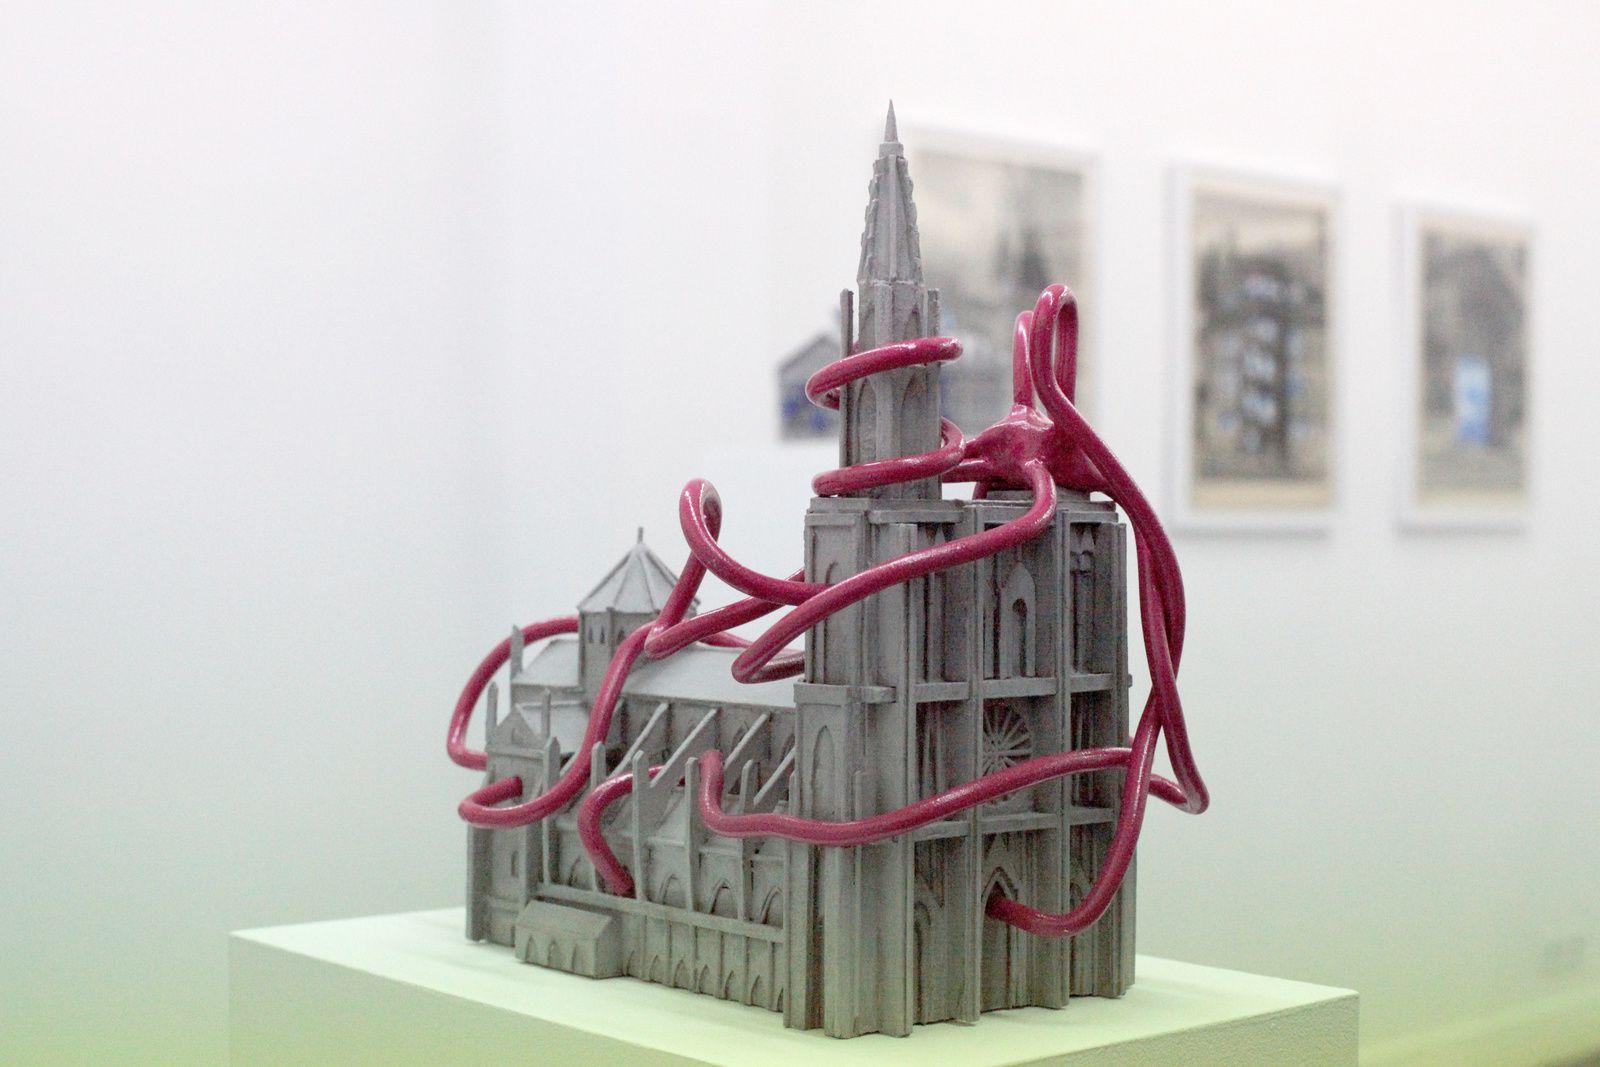 """""""La cathédrale de Strasbourg surmergée par l'émotion"""", 2014 de Sylvain Ciavaldini Courtesy Galerie Sator © Photo Éric Simon"""